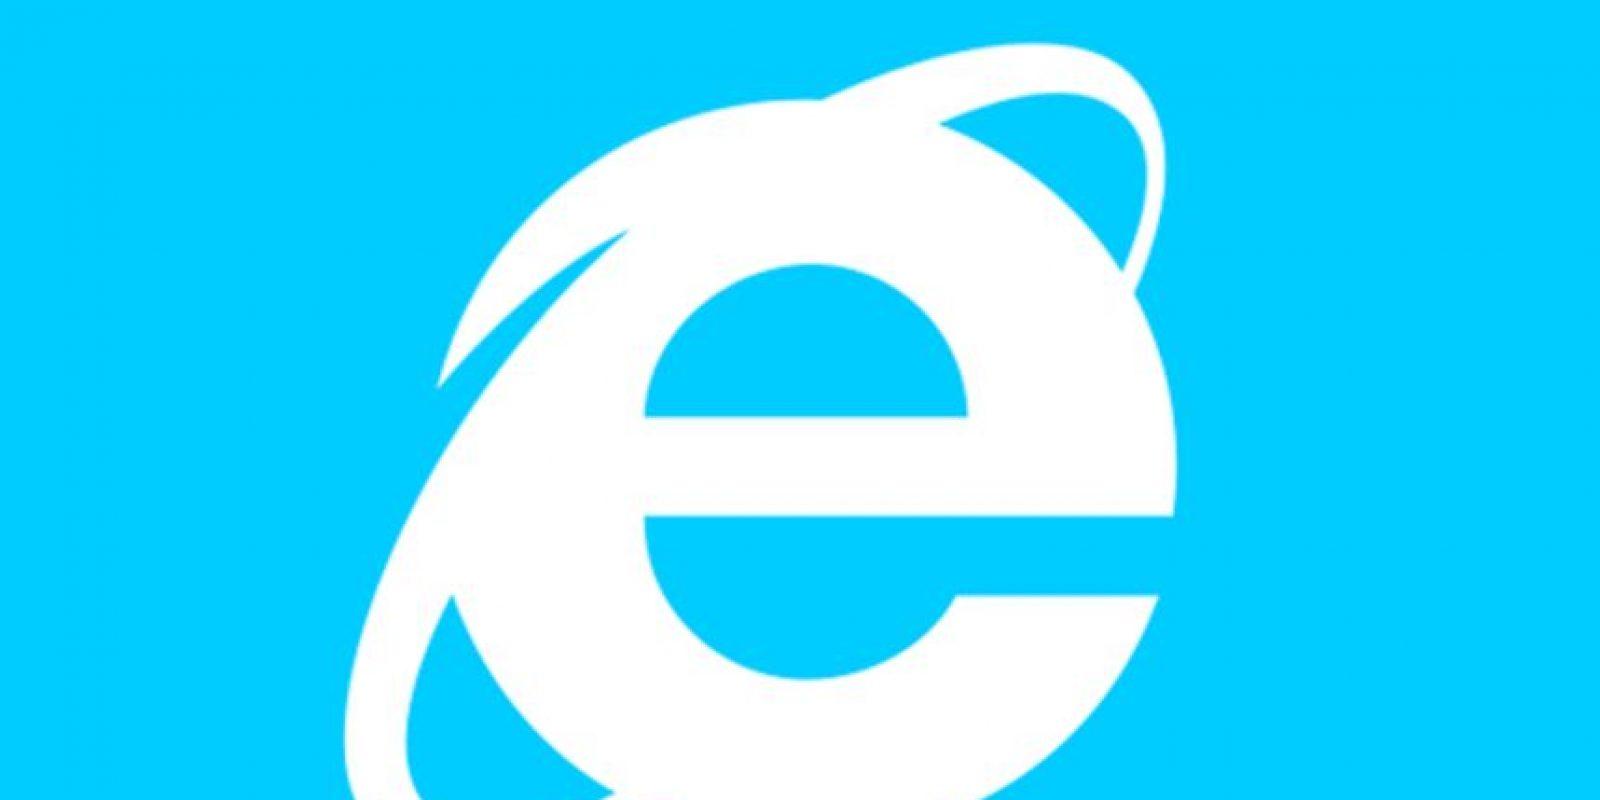 La noticia de transformación del buscador de Microsoft Internet Explorer, se suma a la mejoras anunciadas por esta empresa. Foto:Vía Página Oficial de Microsoft http://windows.microsoft.com/es-xl/internet-explorer/download-ie